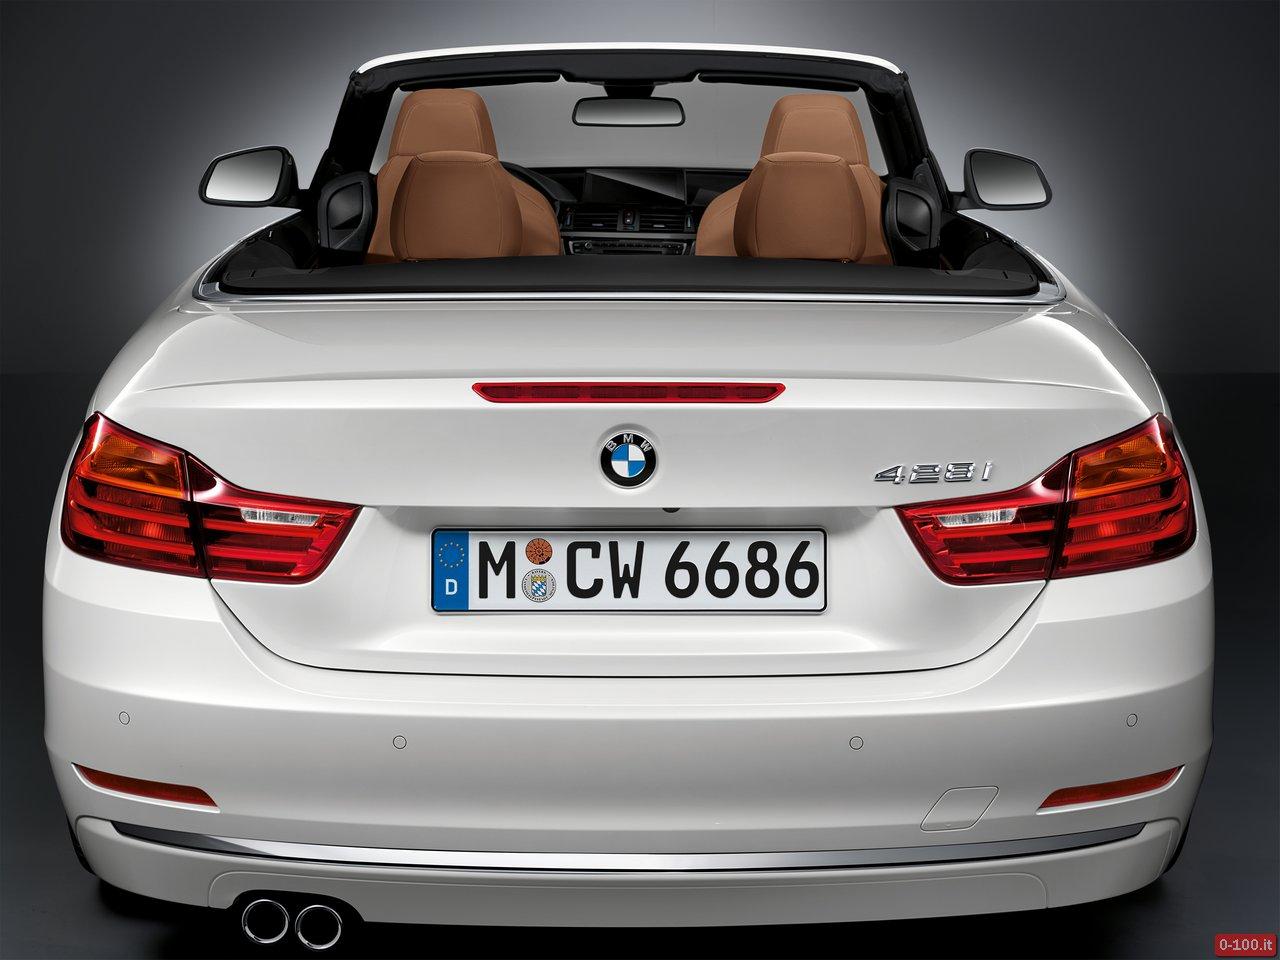 BMW-serie-4-cabrio-420d-428i-435i-cabrio_52